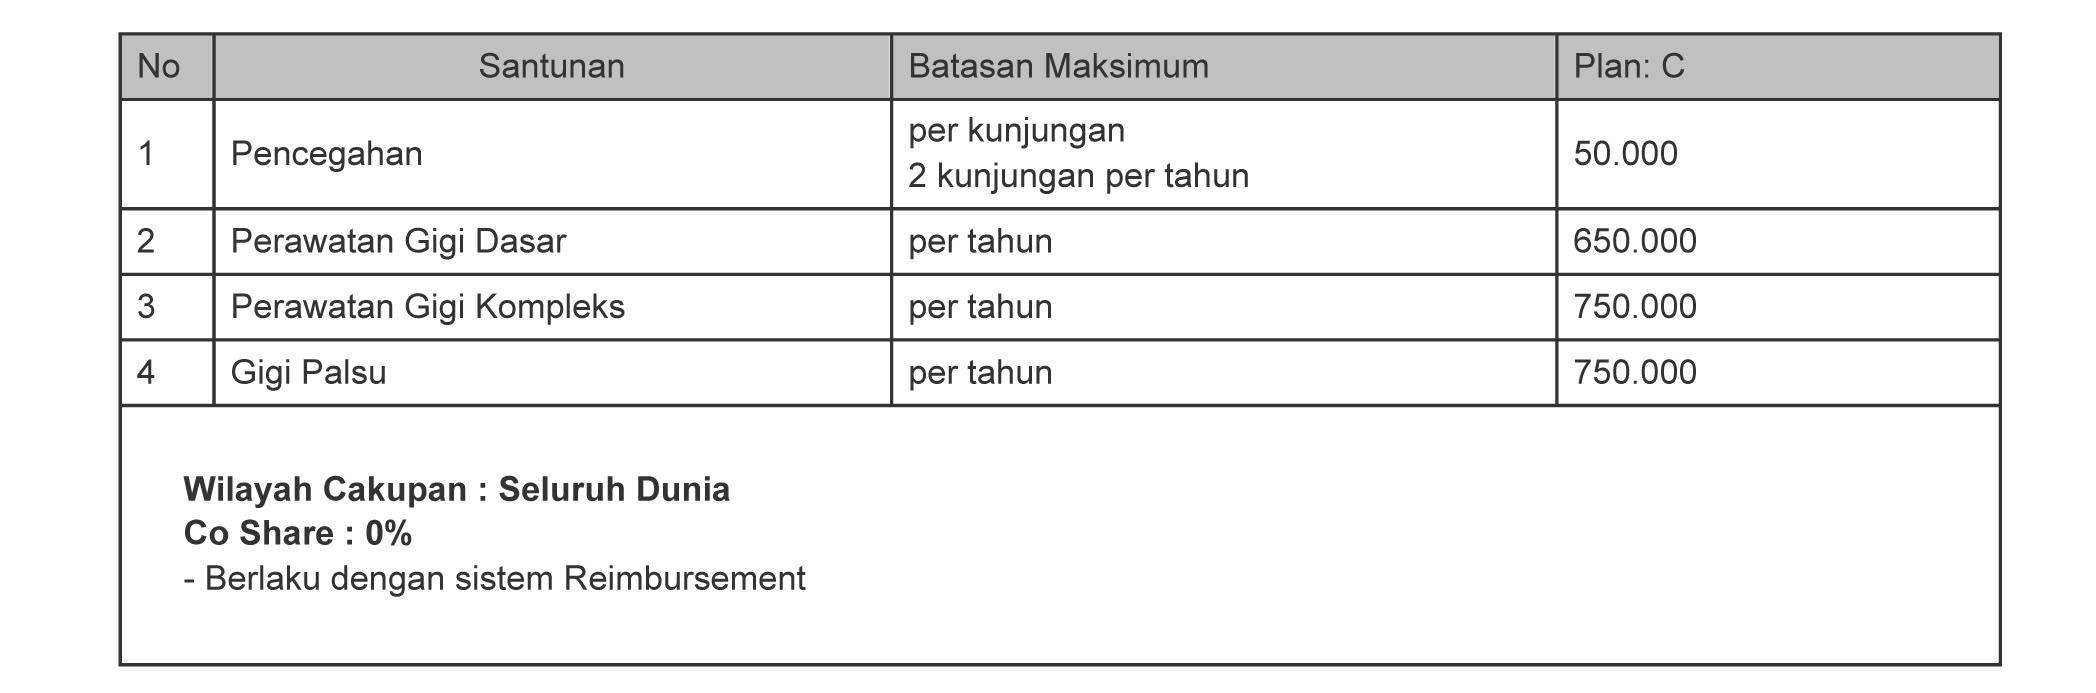 Tabel Manfaat Asuransi Rawat Gigi Smarthealth Maxi Violet atau Allisya Care Plan C